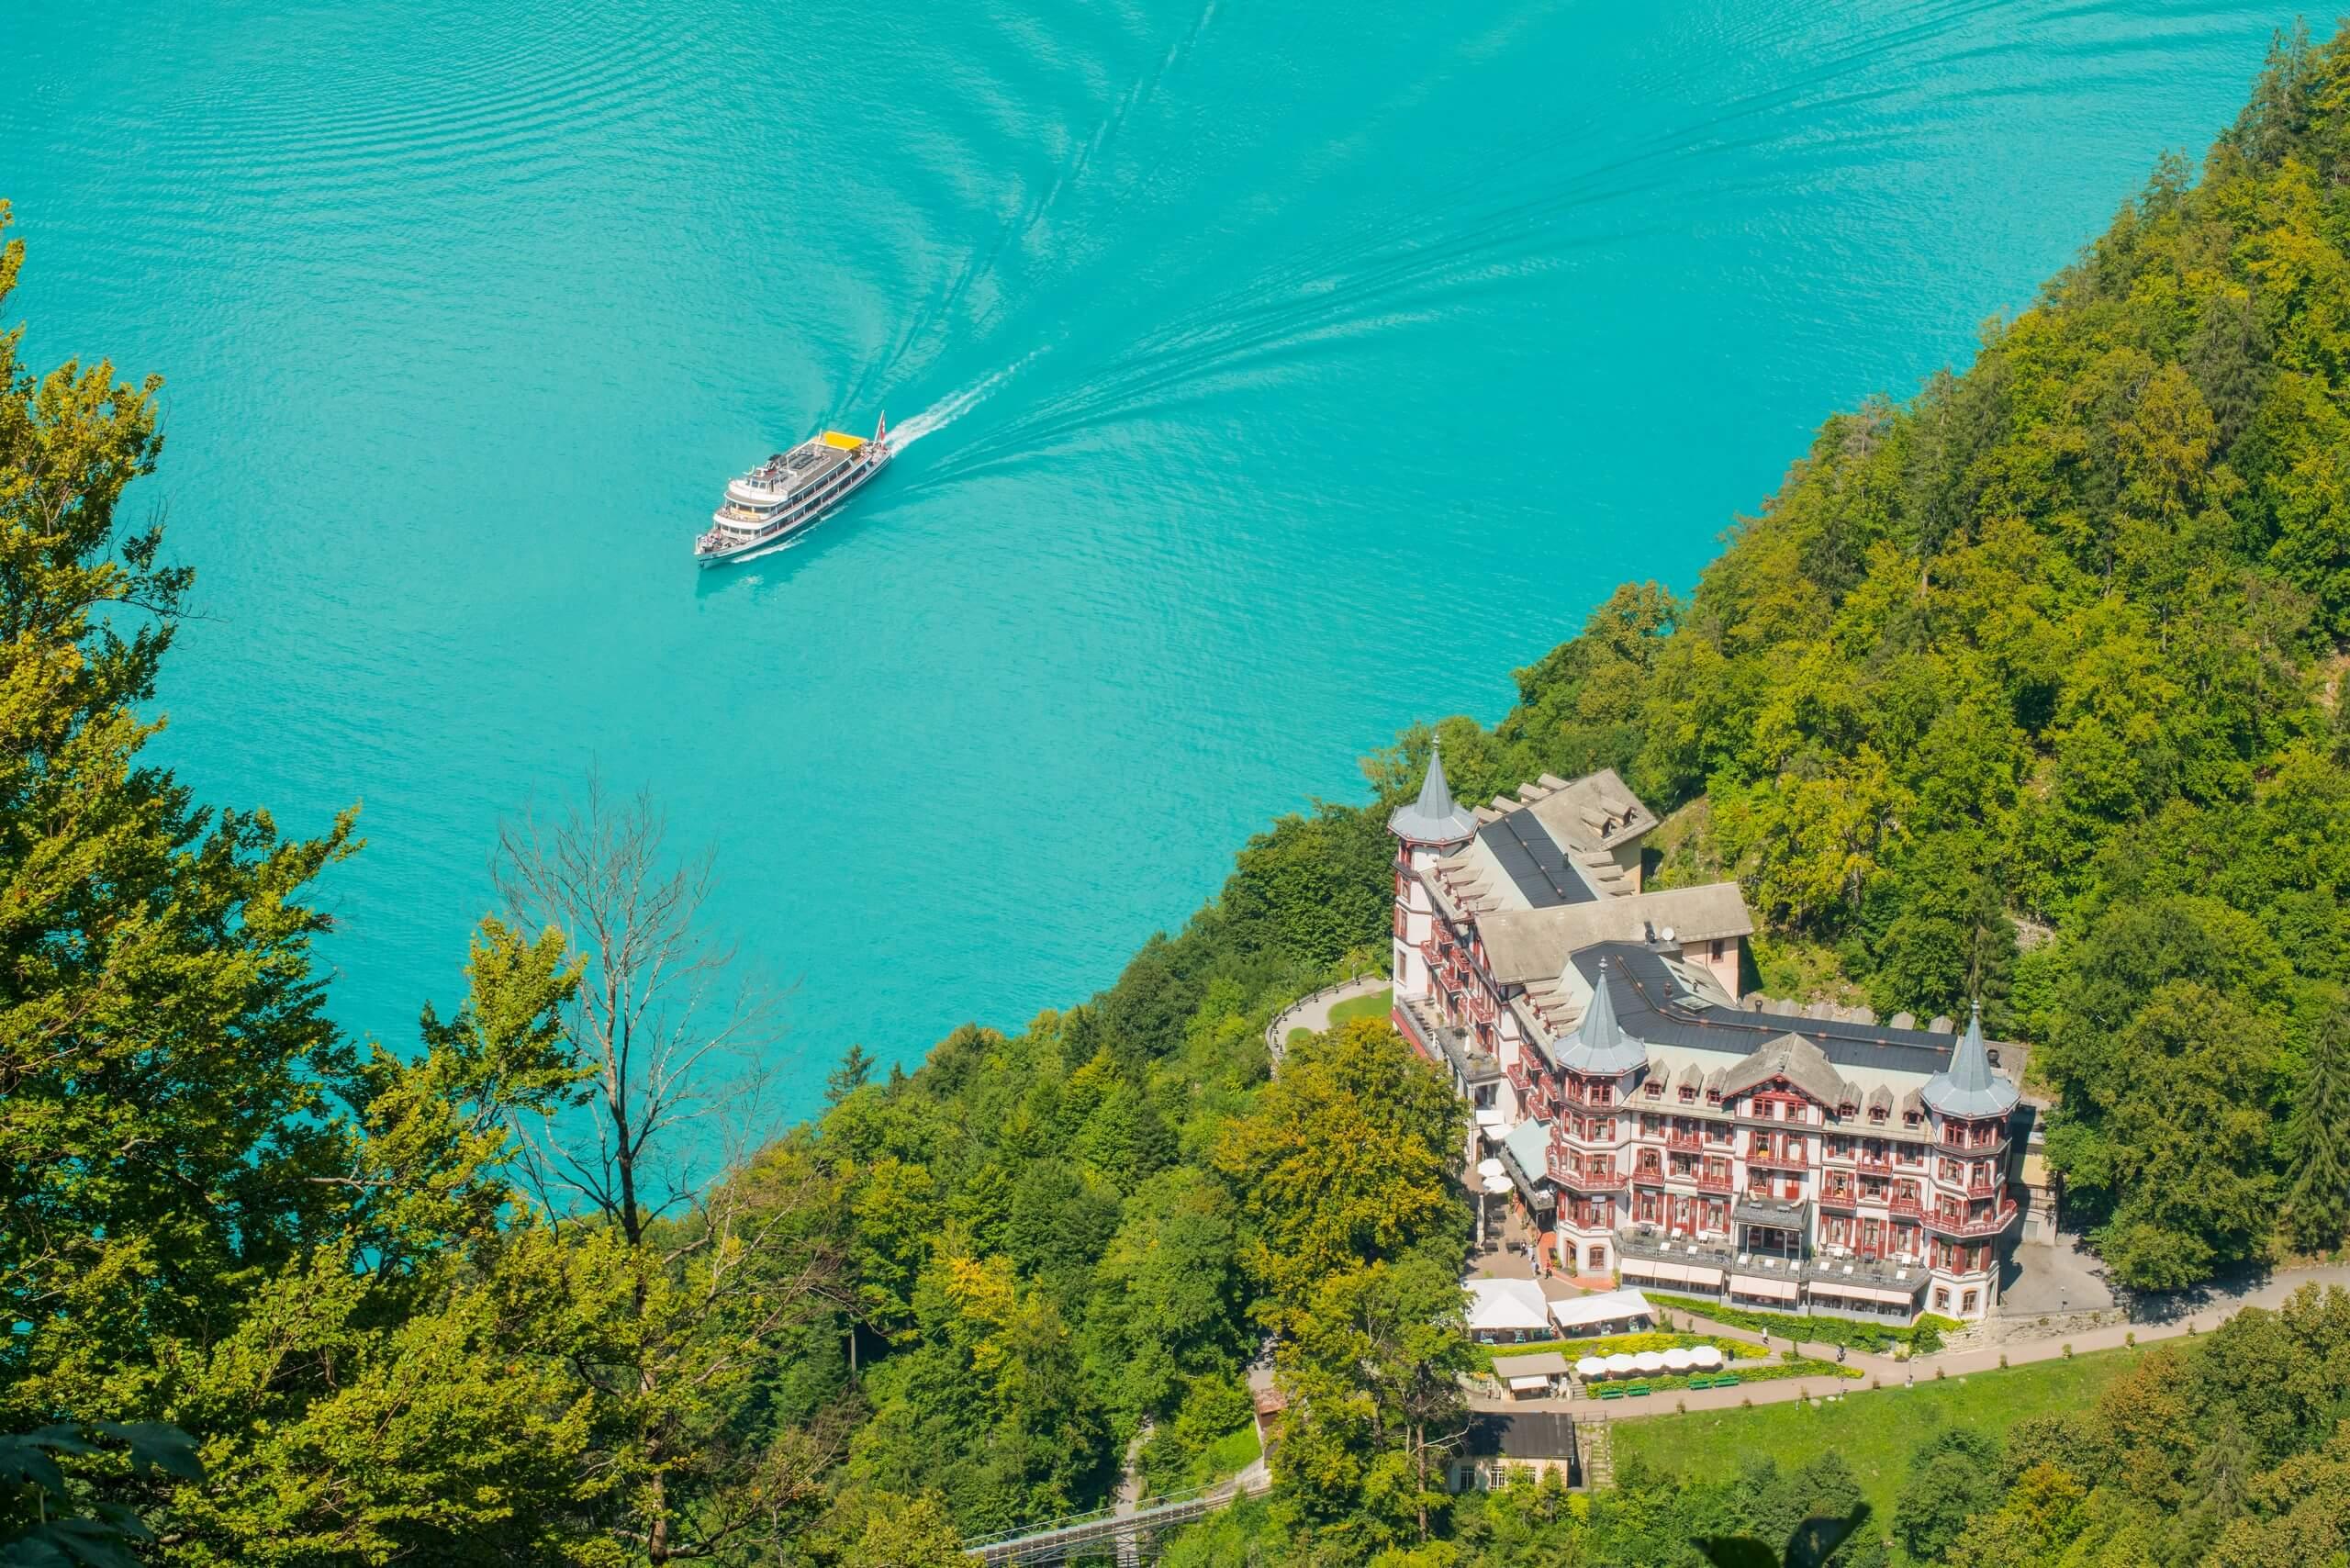 brienzersee-schifffahrt-sommer-giessbach-hotel-wald